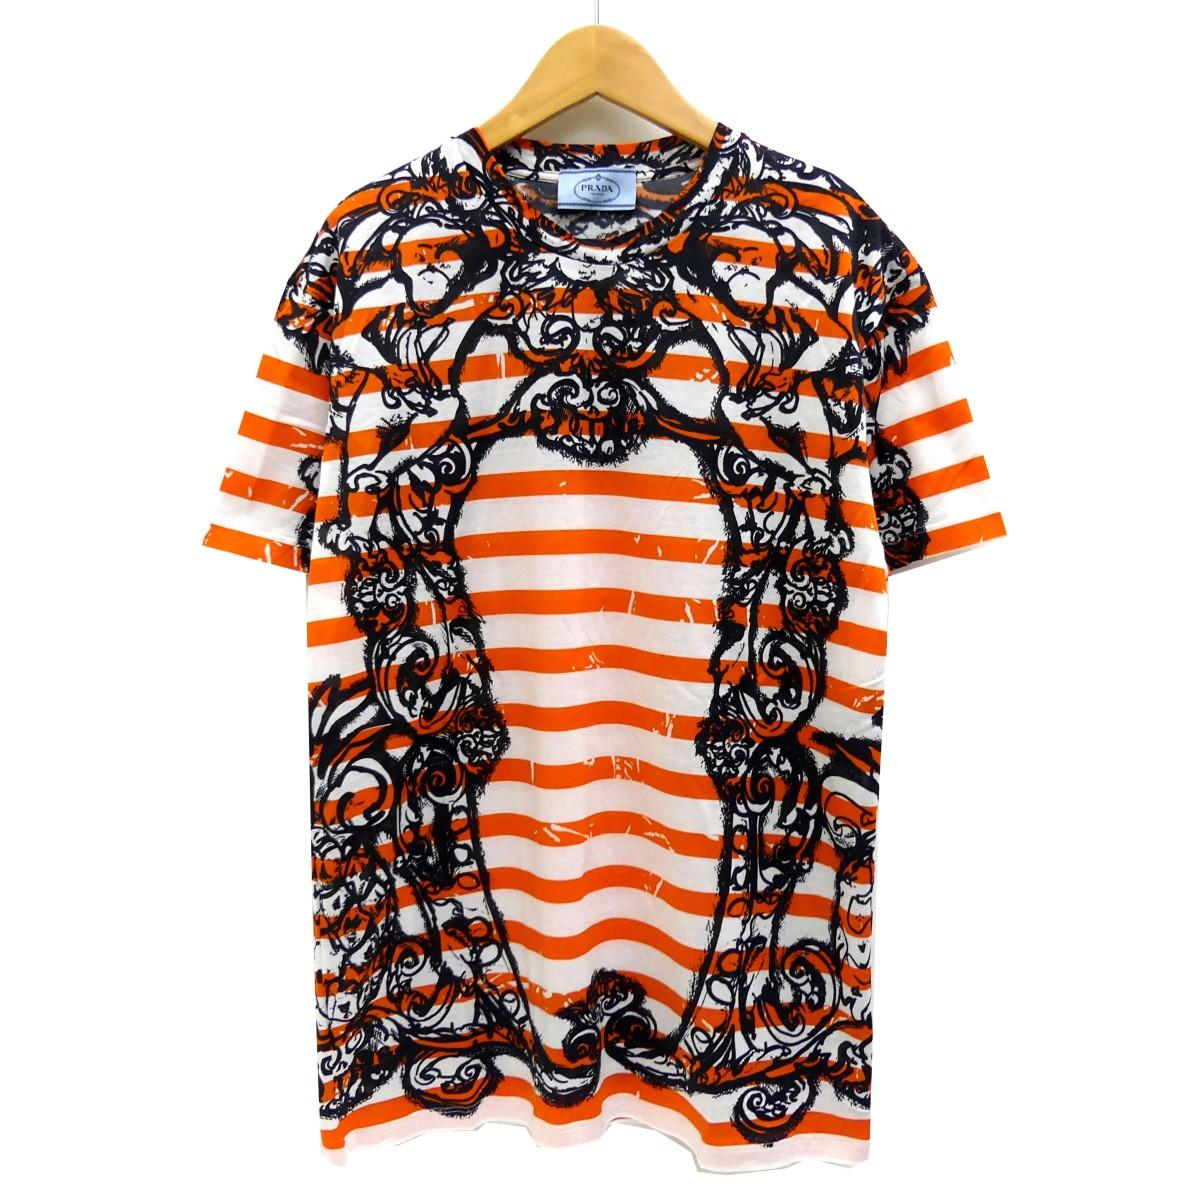 【中古】PRADA 総柄ボーダーTシャツ オレンジ サイズ:S 【270420】(プラダ)